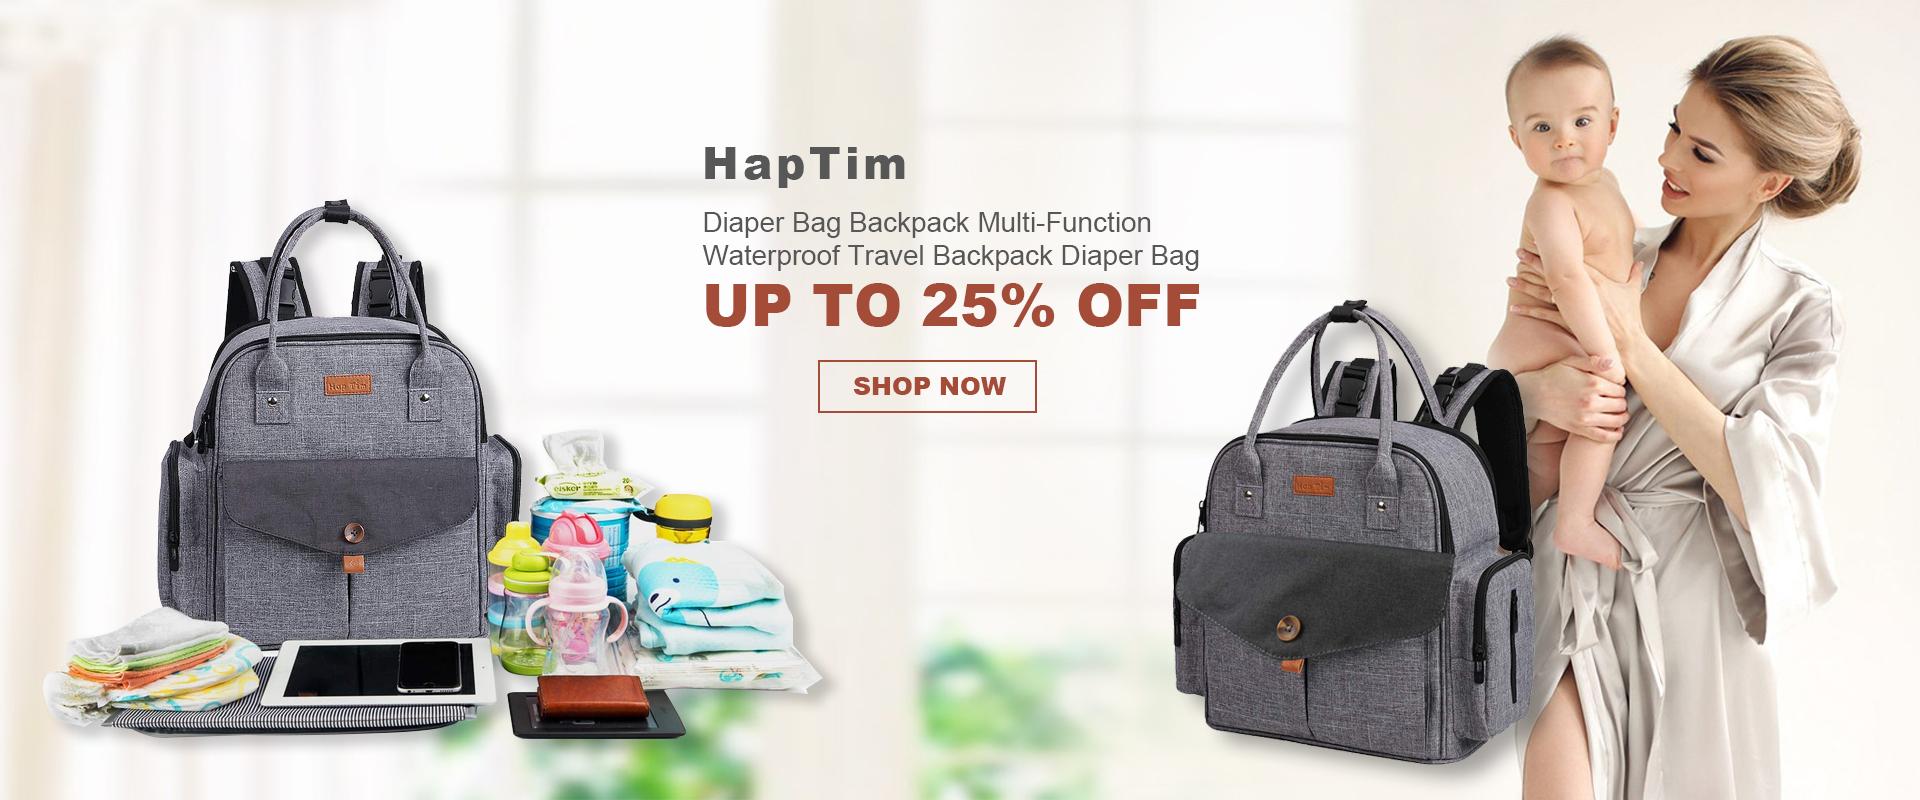 diaper backpack picture frame laptop backpack picnic backpack cooler bag lunch bag baseball backpack